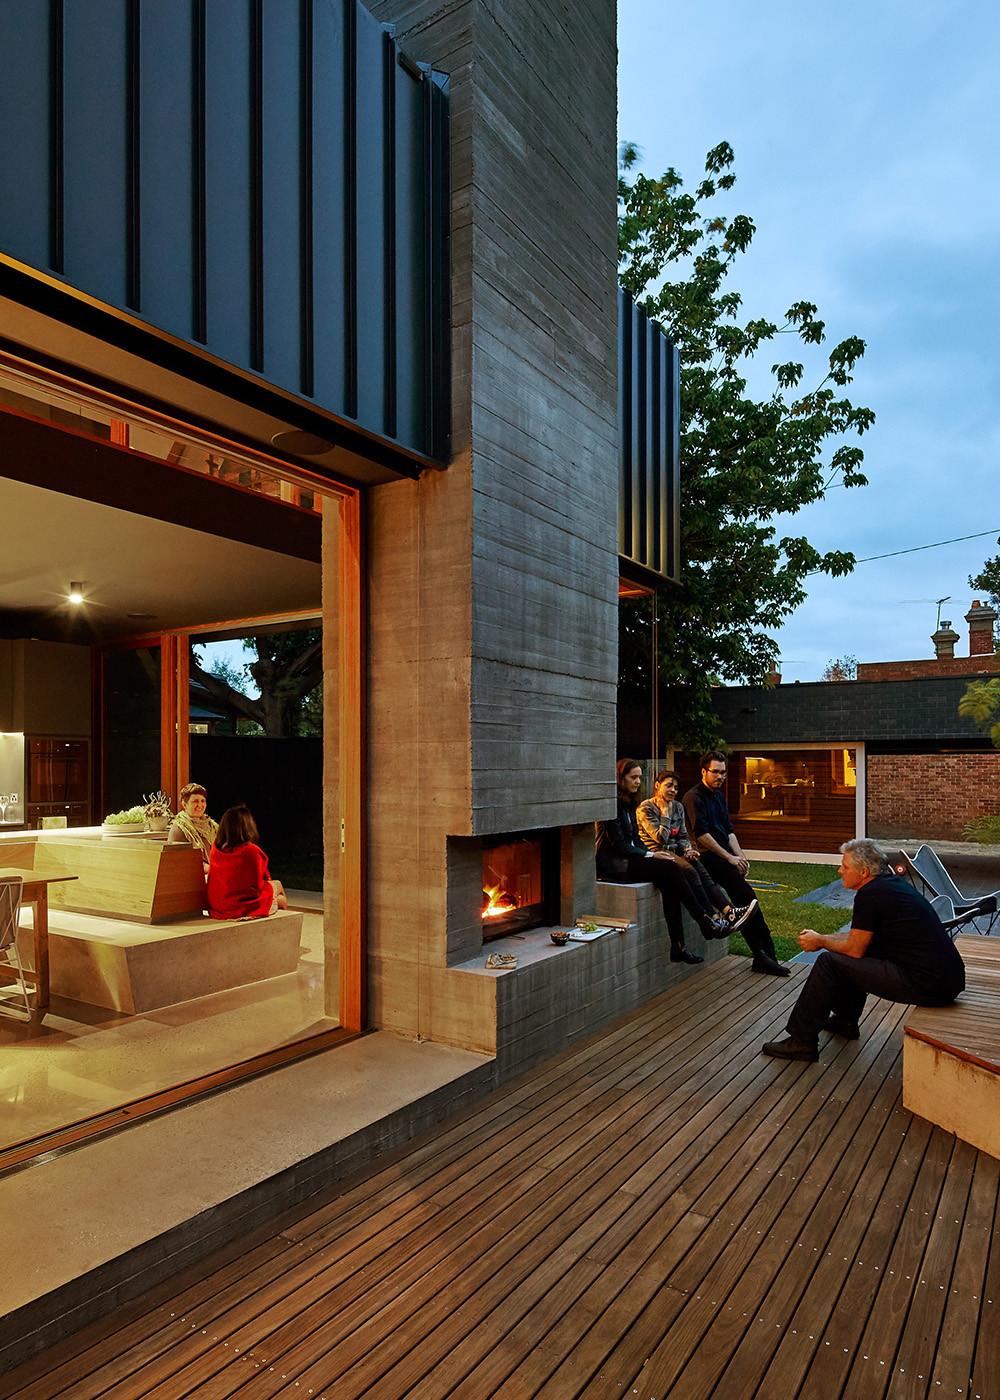 Galeria de casa local make architecture 8 for Create a new house